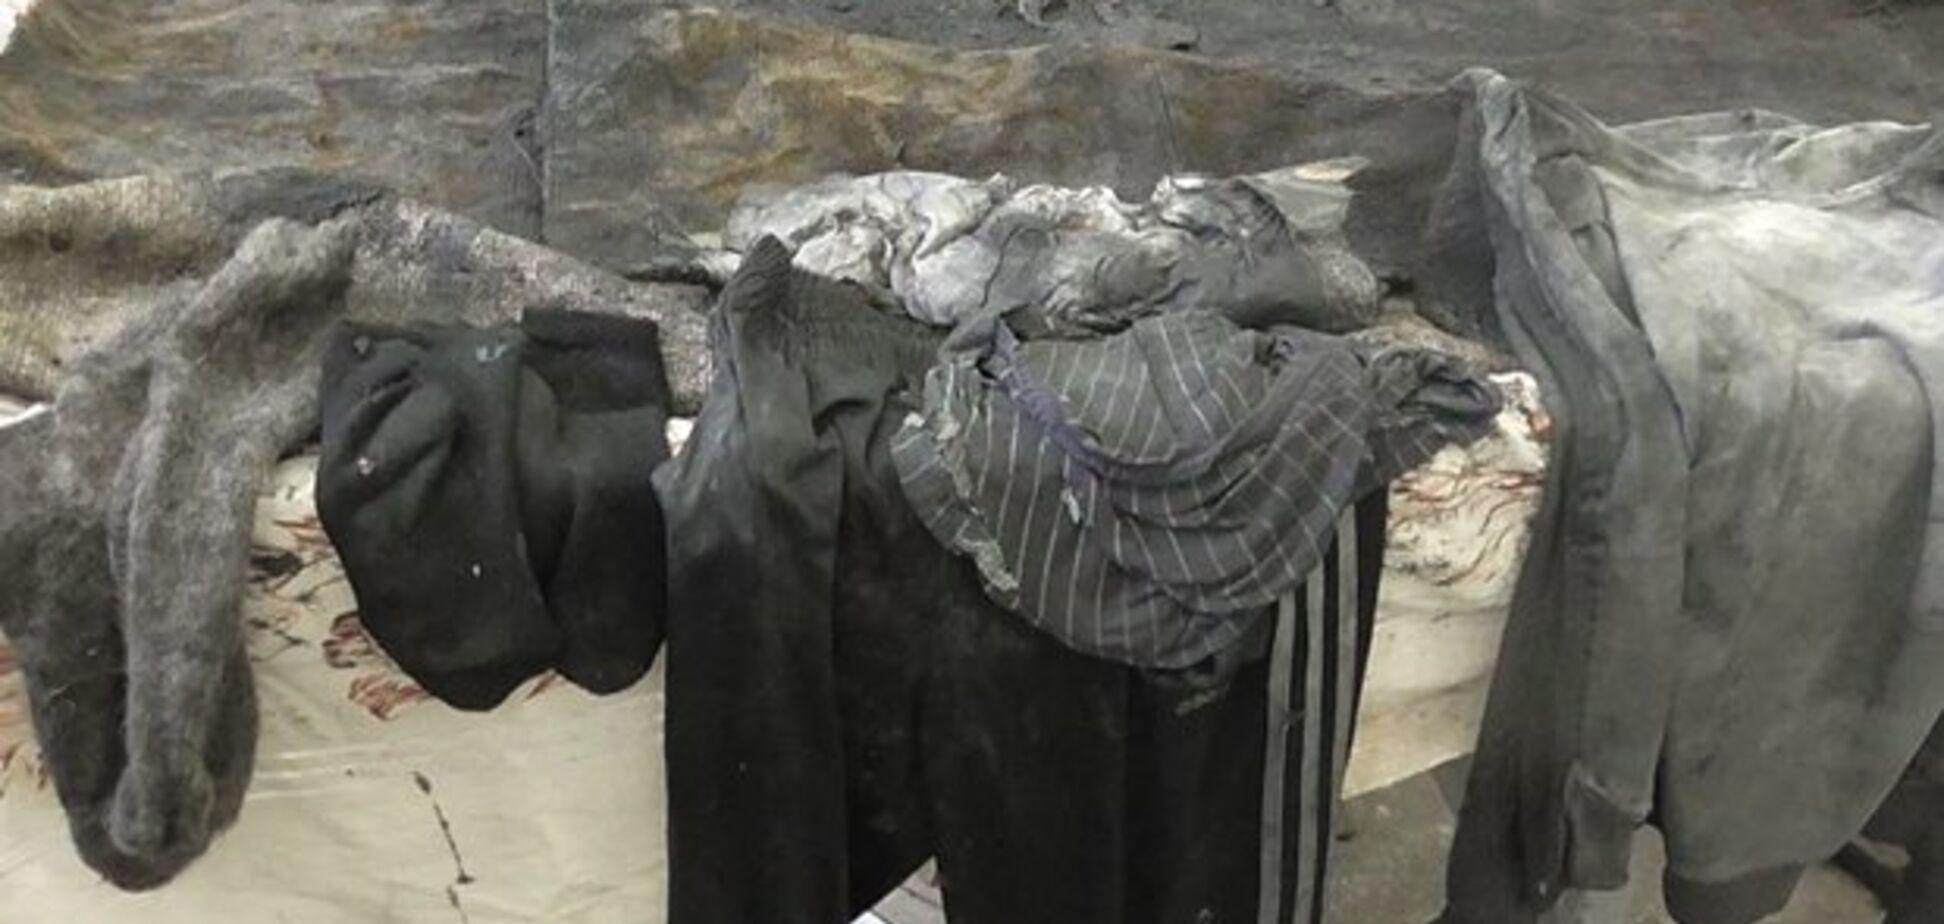 Одежда подростка, которого убили Крайновы